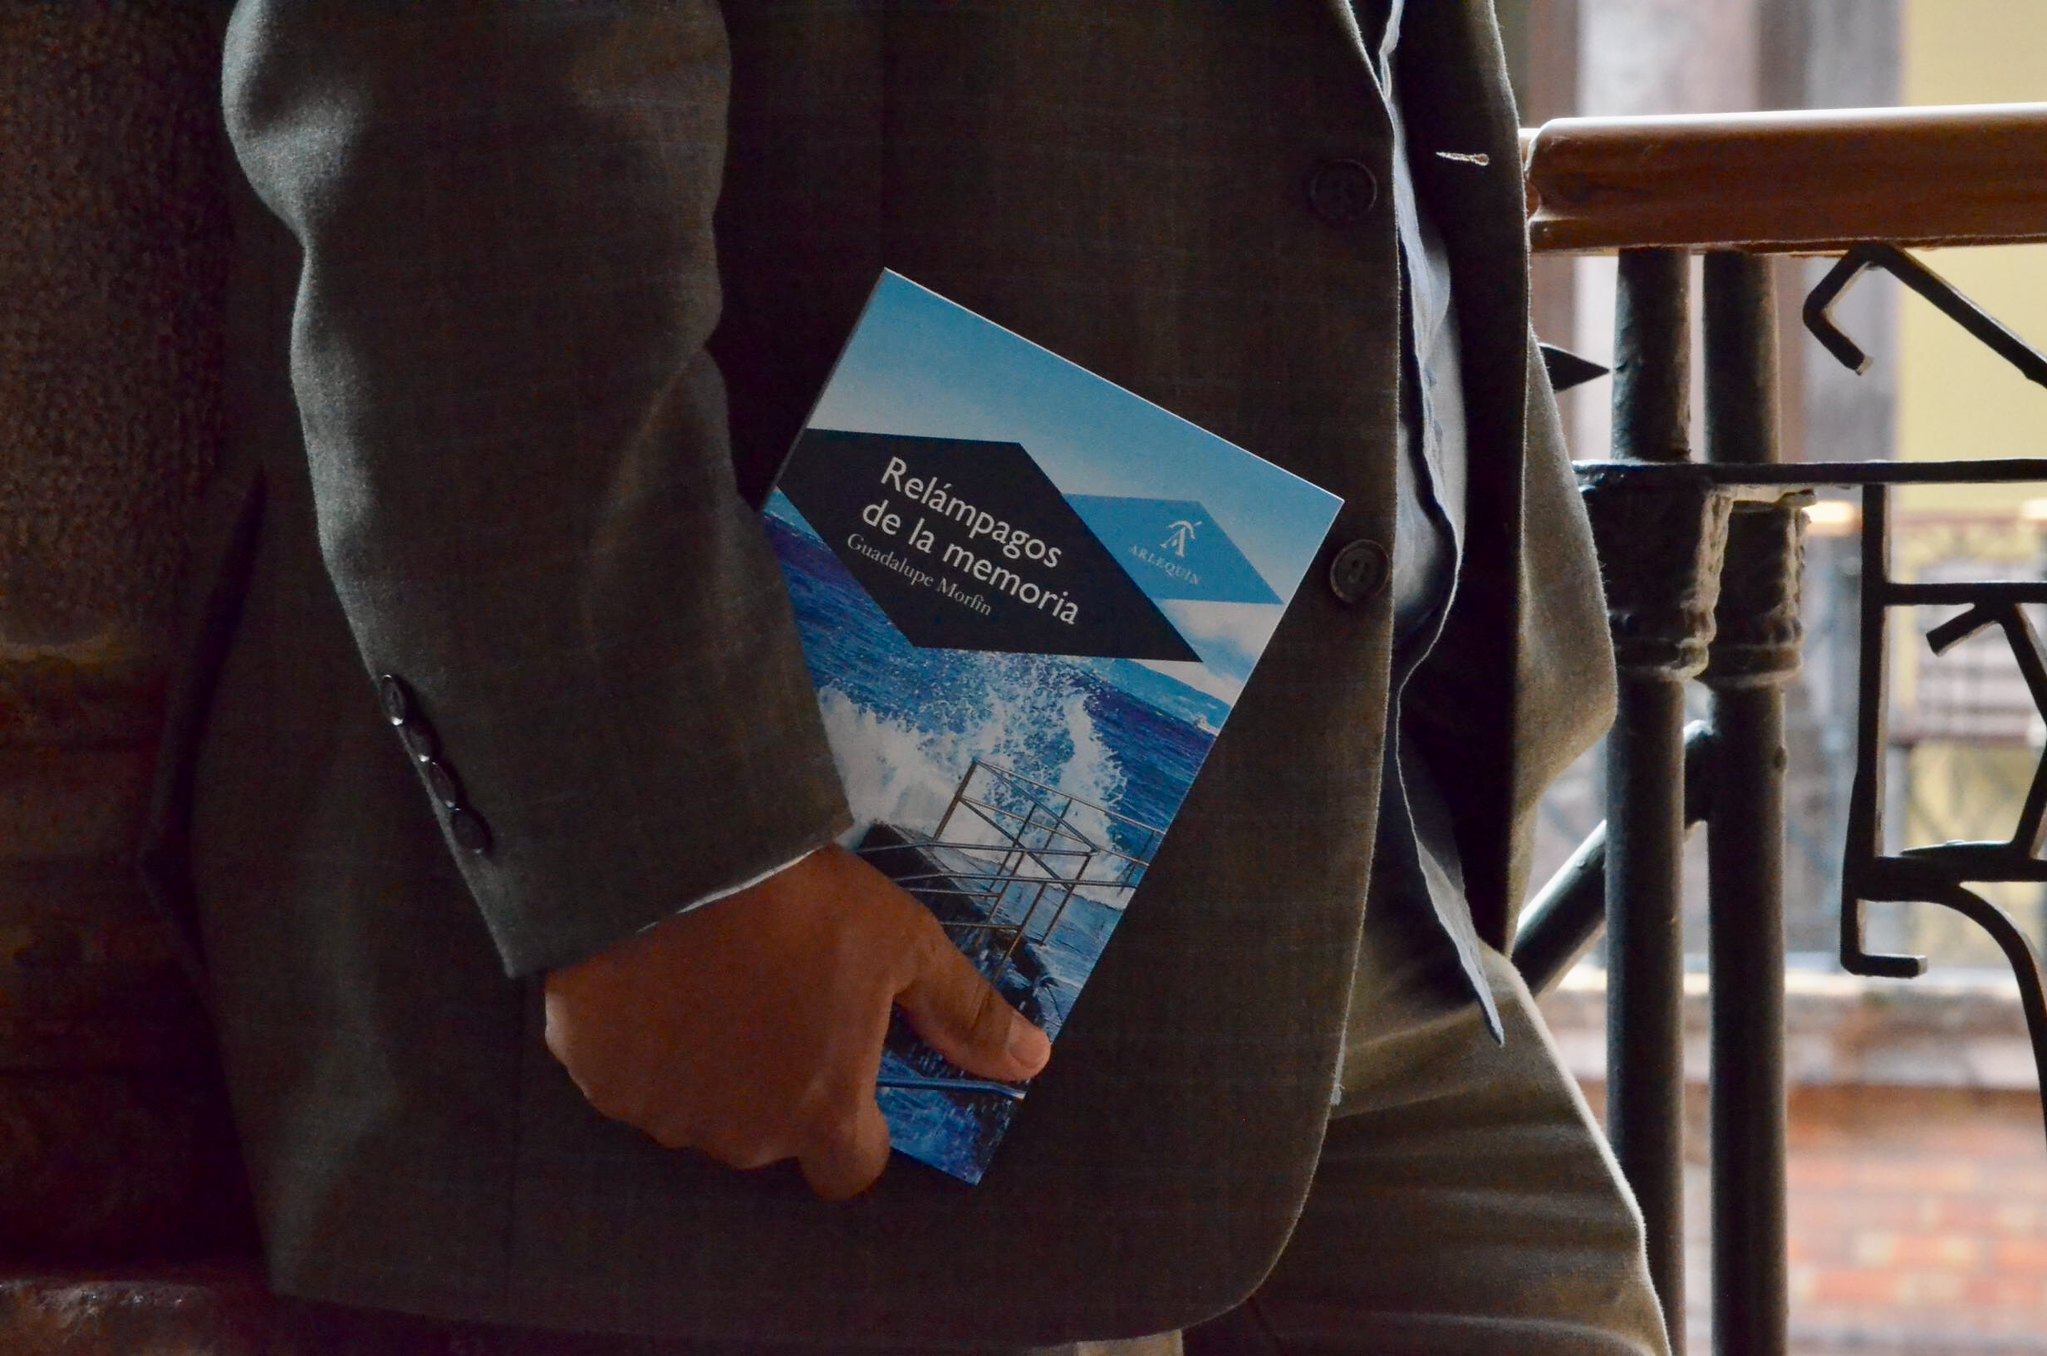 Ediciones Arlequín presenta una muestra de su catálogo en El Guardagujas